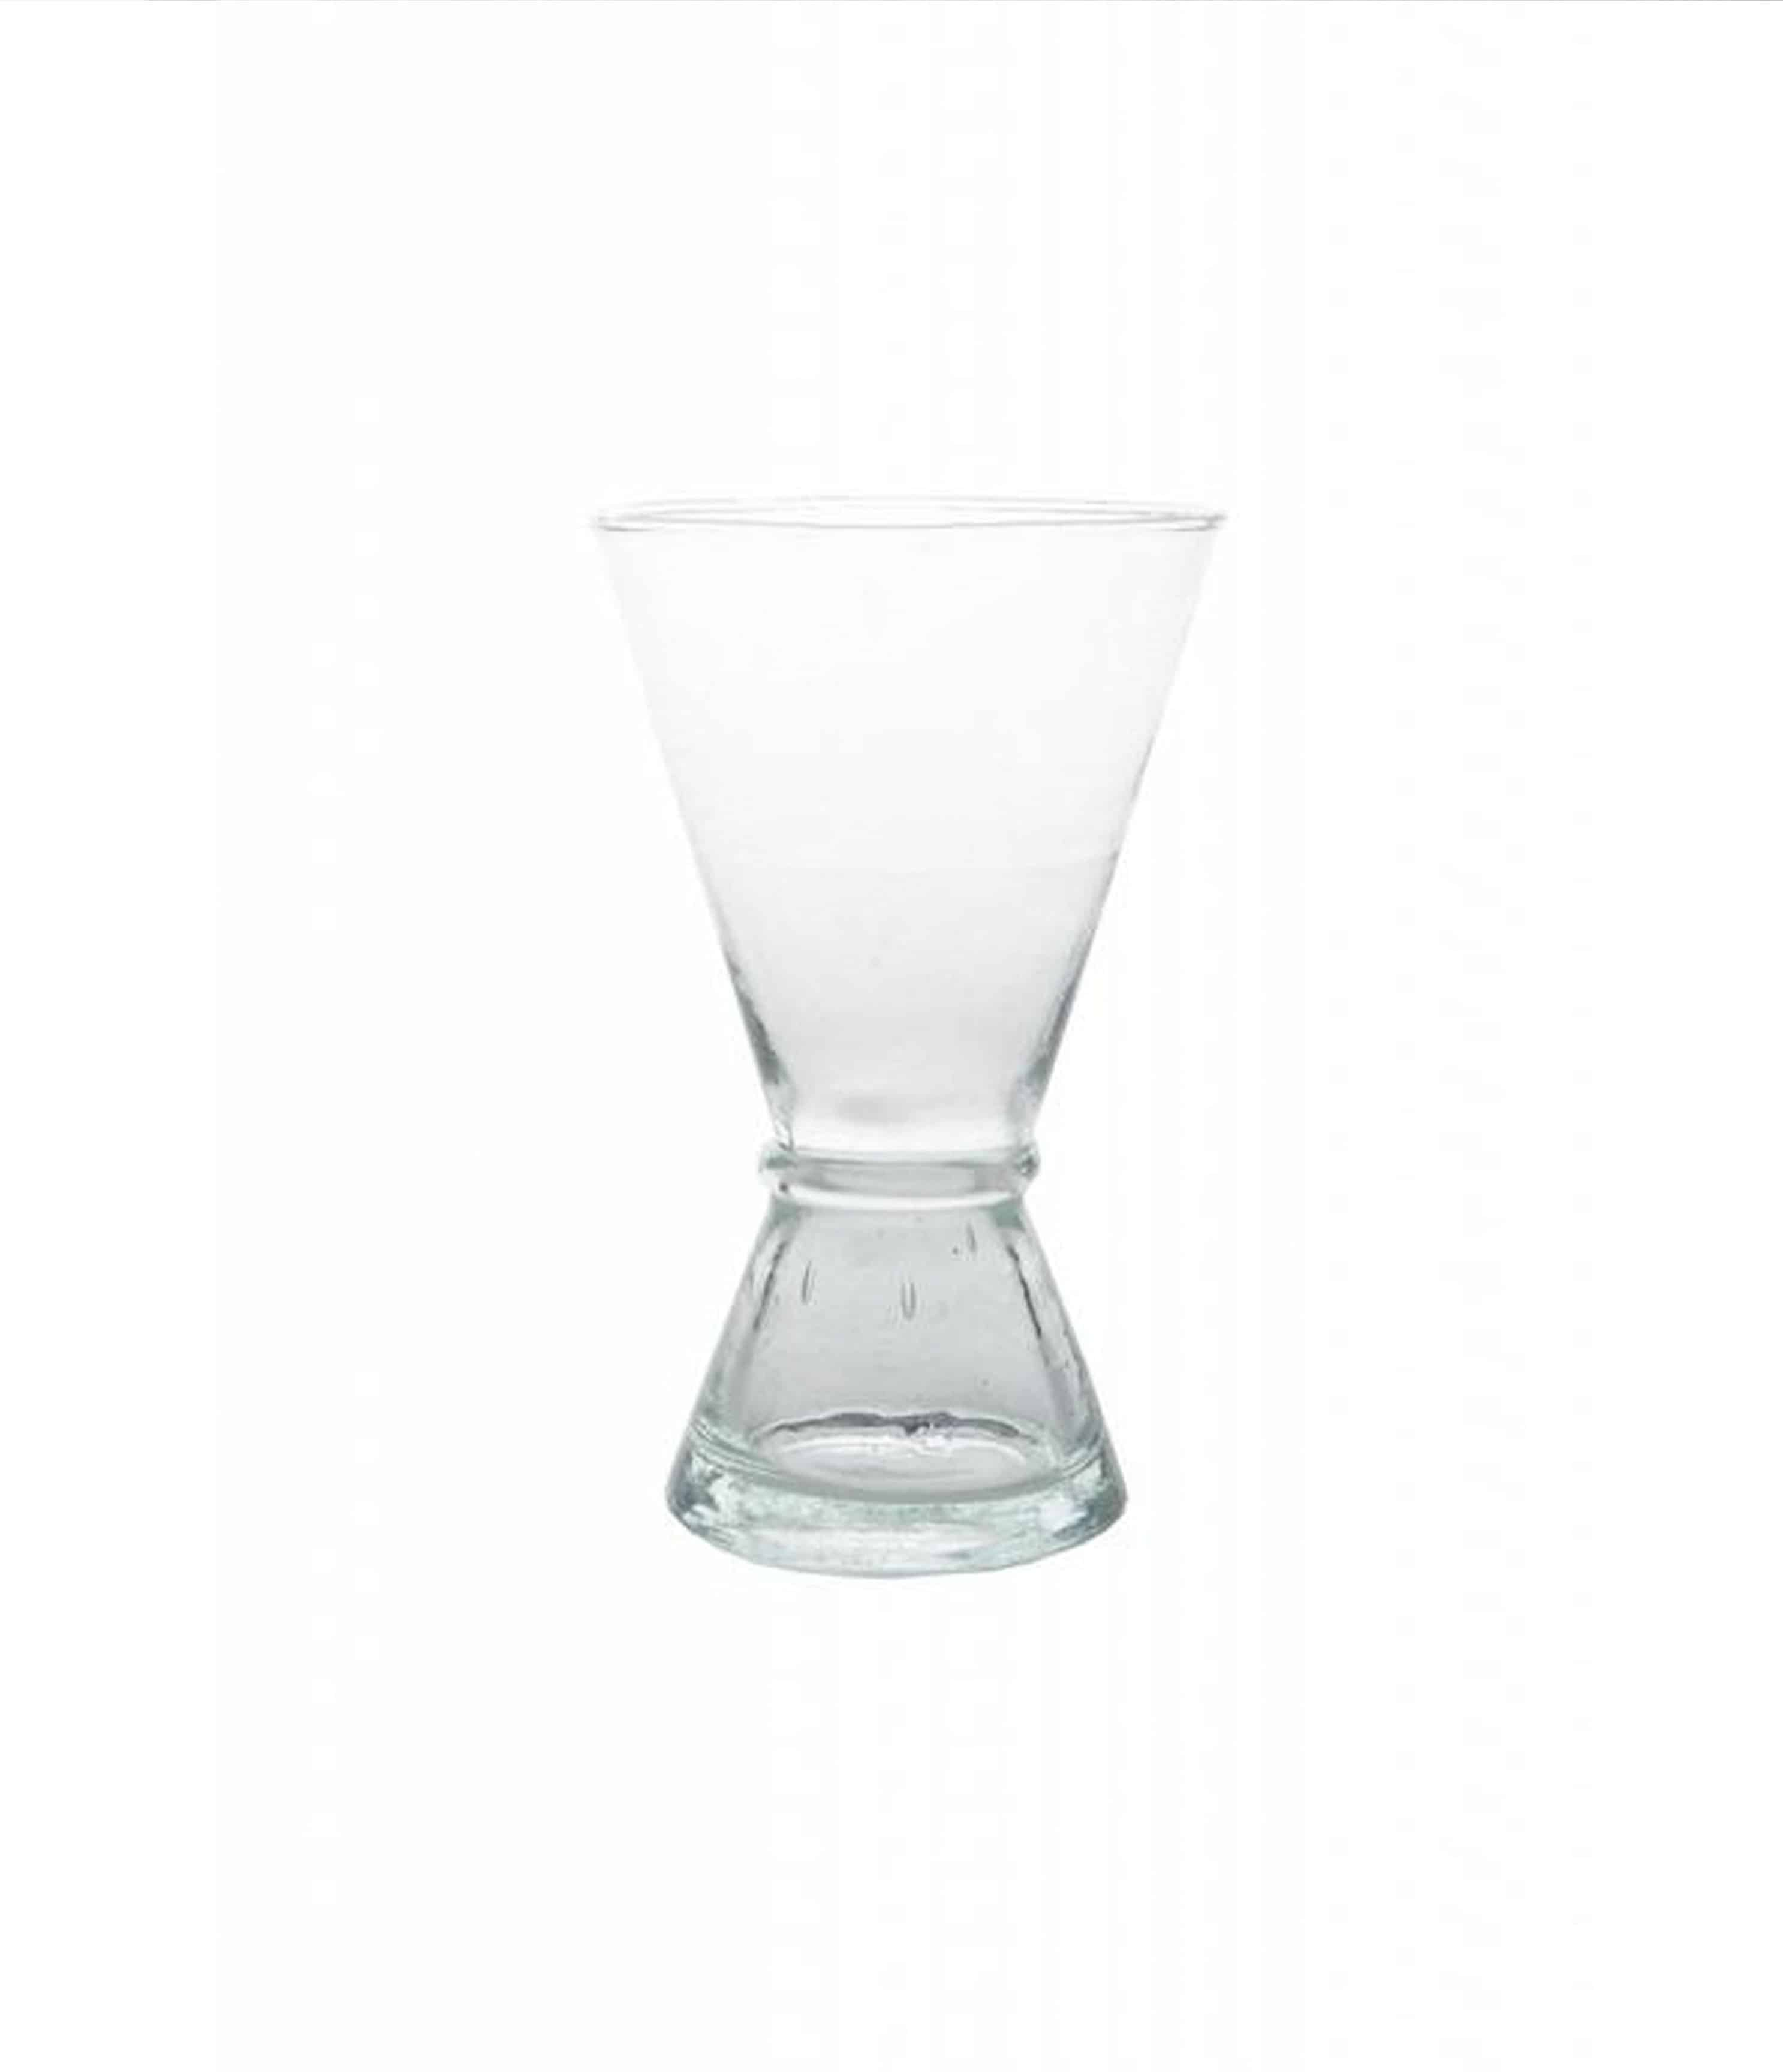 beldi wine glass